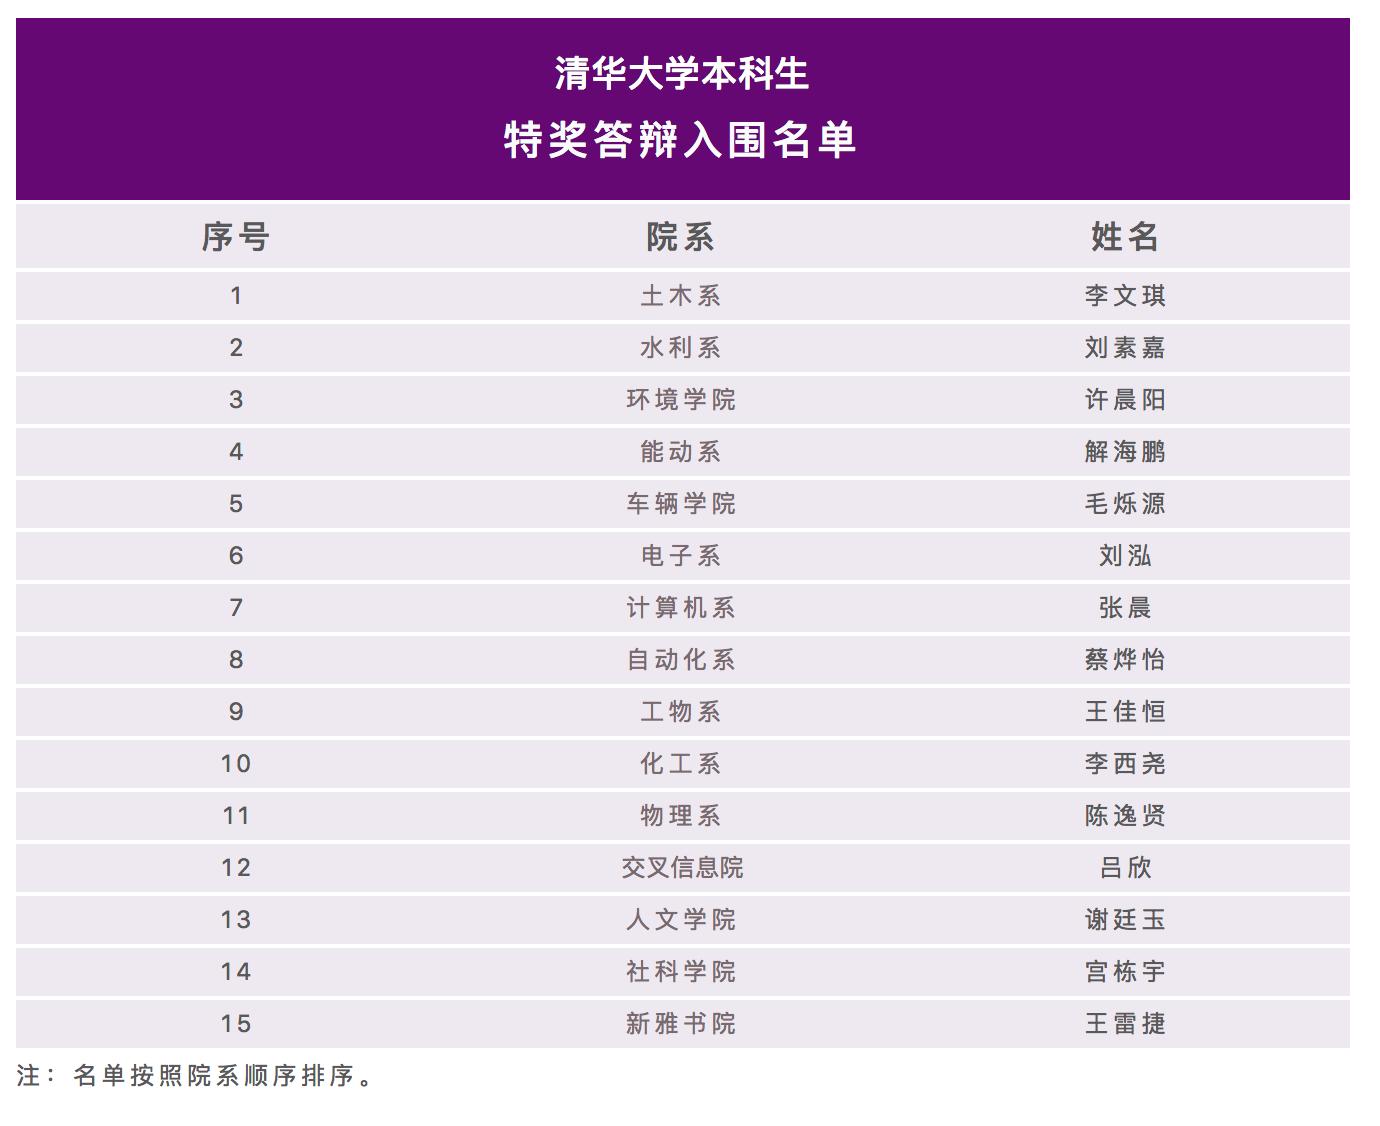 """恒达首页清华公布2020特奖候选人名单 网友戏称""""神仙打架""""开始了"""